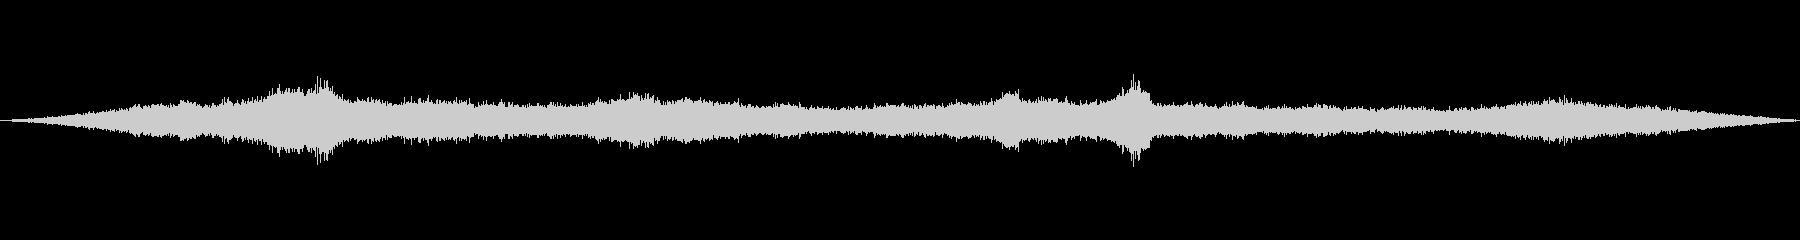 風の効果音(自然、そよ風、ビル風等)06の未再生の波形